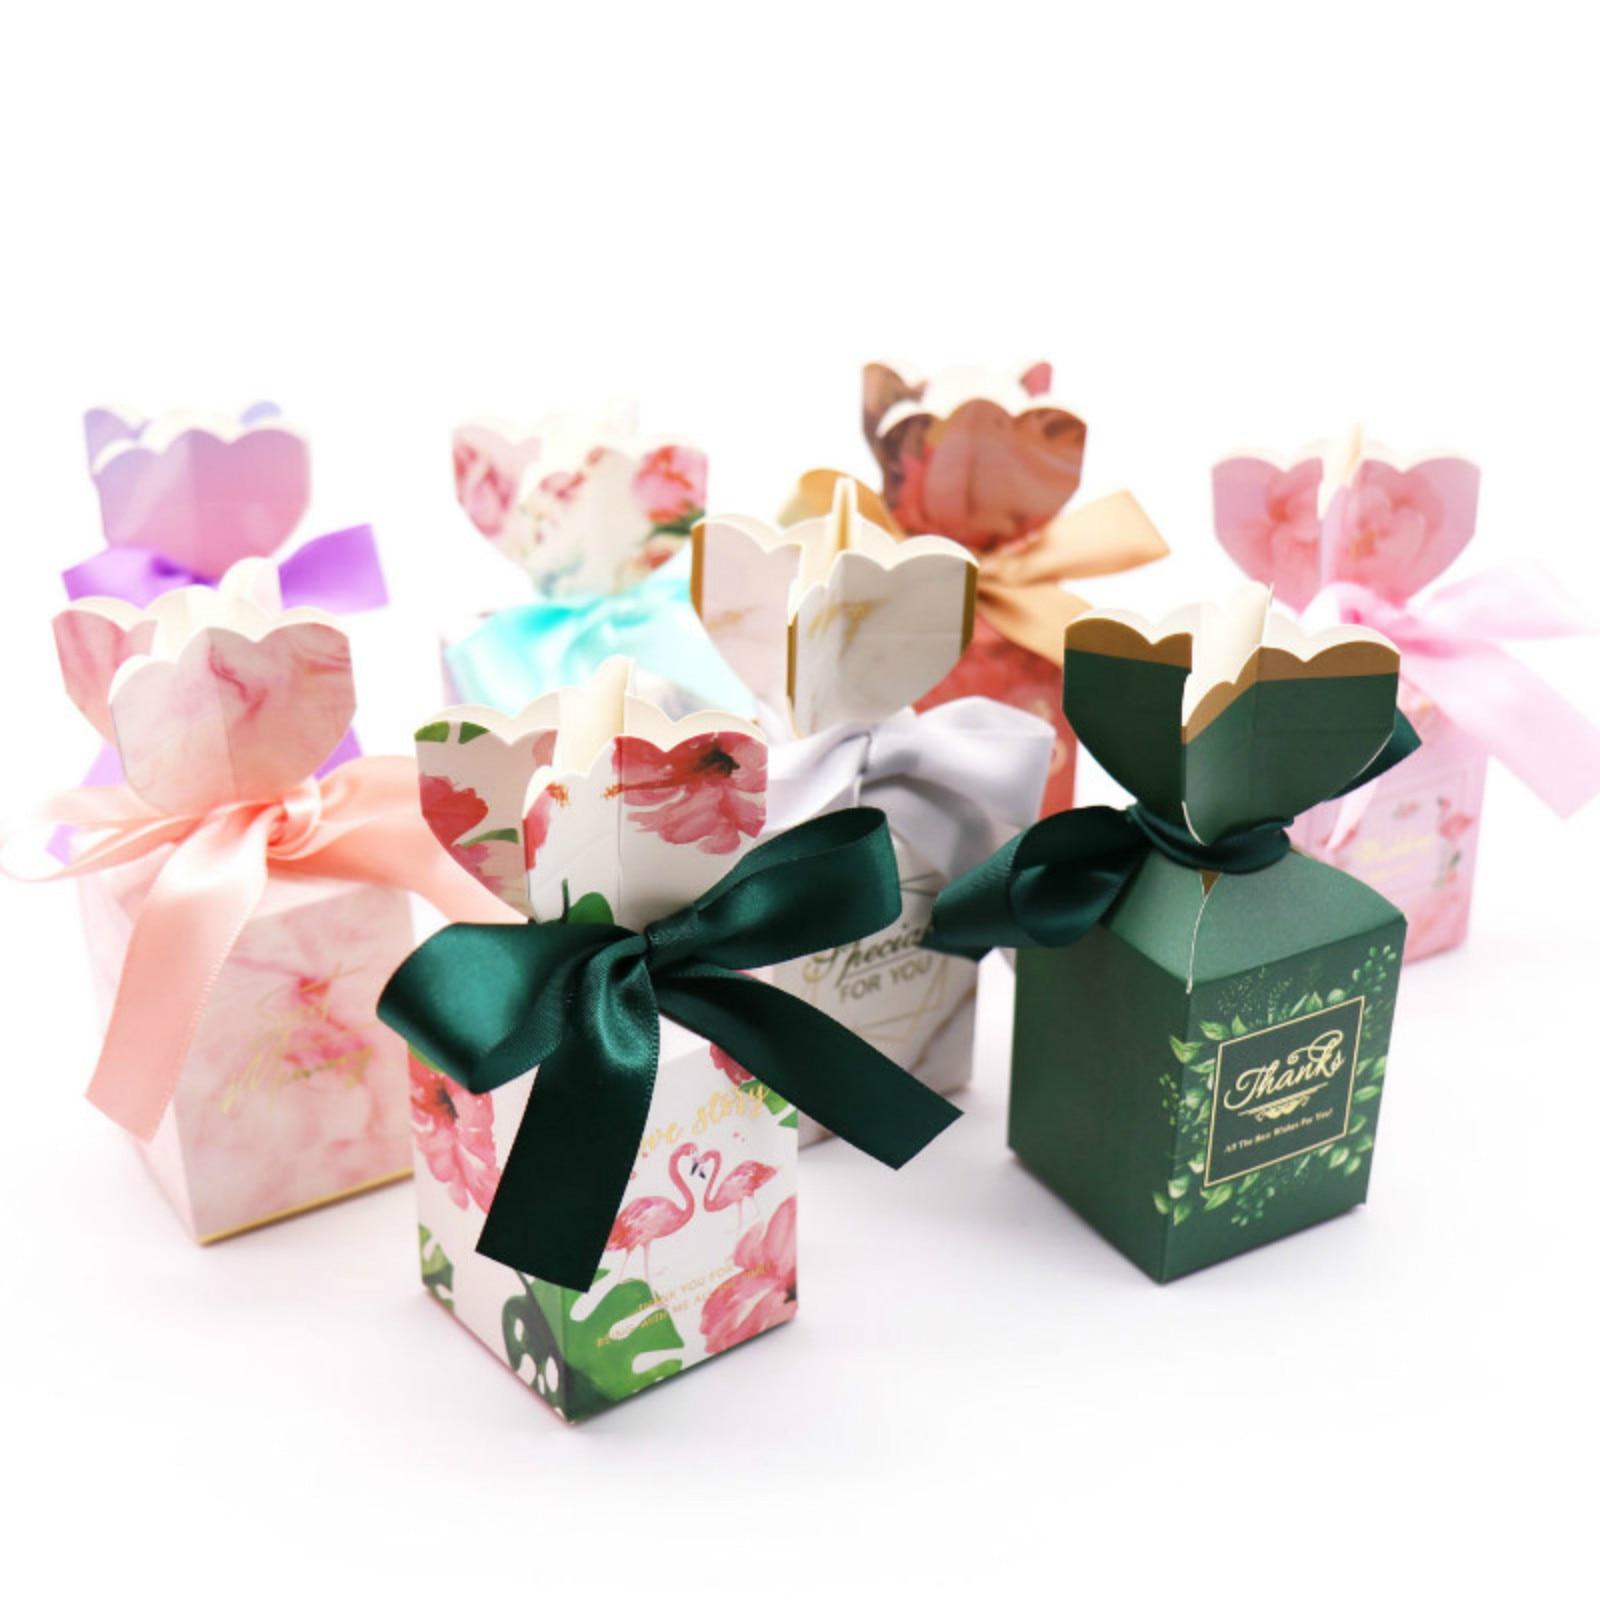 10 pçs decoração de casamento romântico caixa de doces de papel de flor decoração de festa de aniversário mármore rosa, folha verde, flamingo caixas de doces